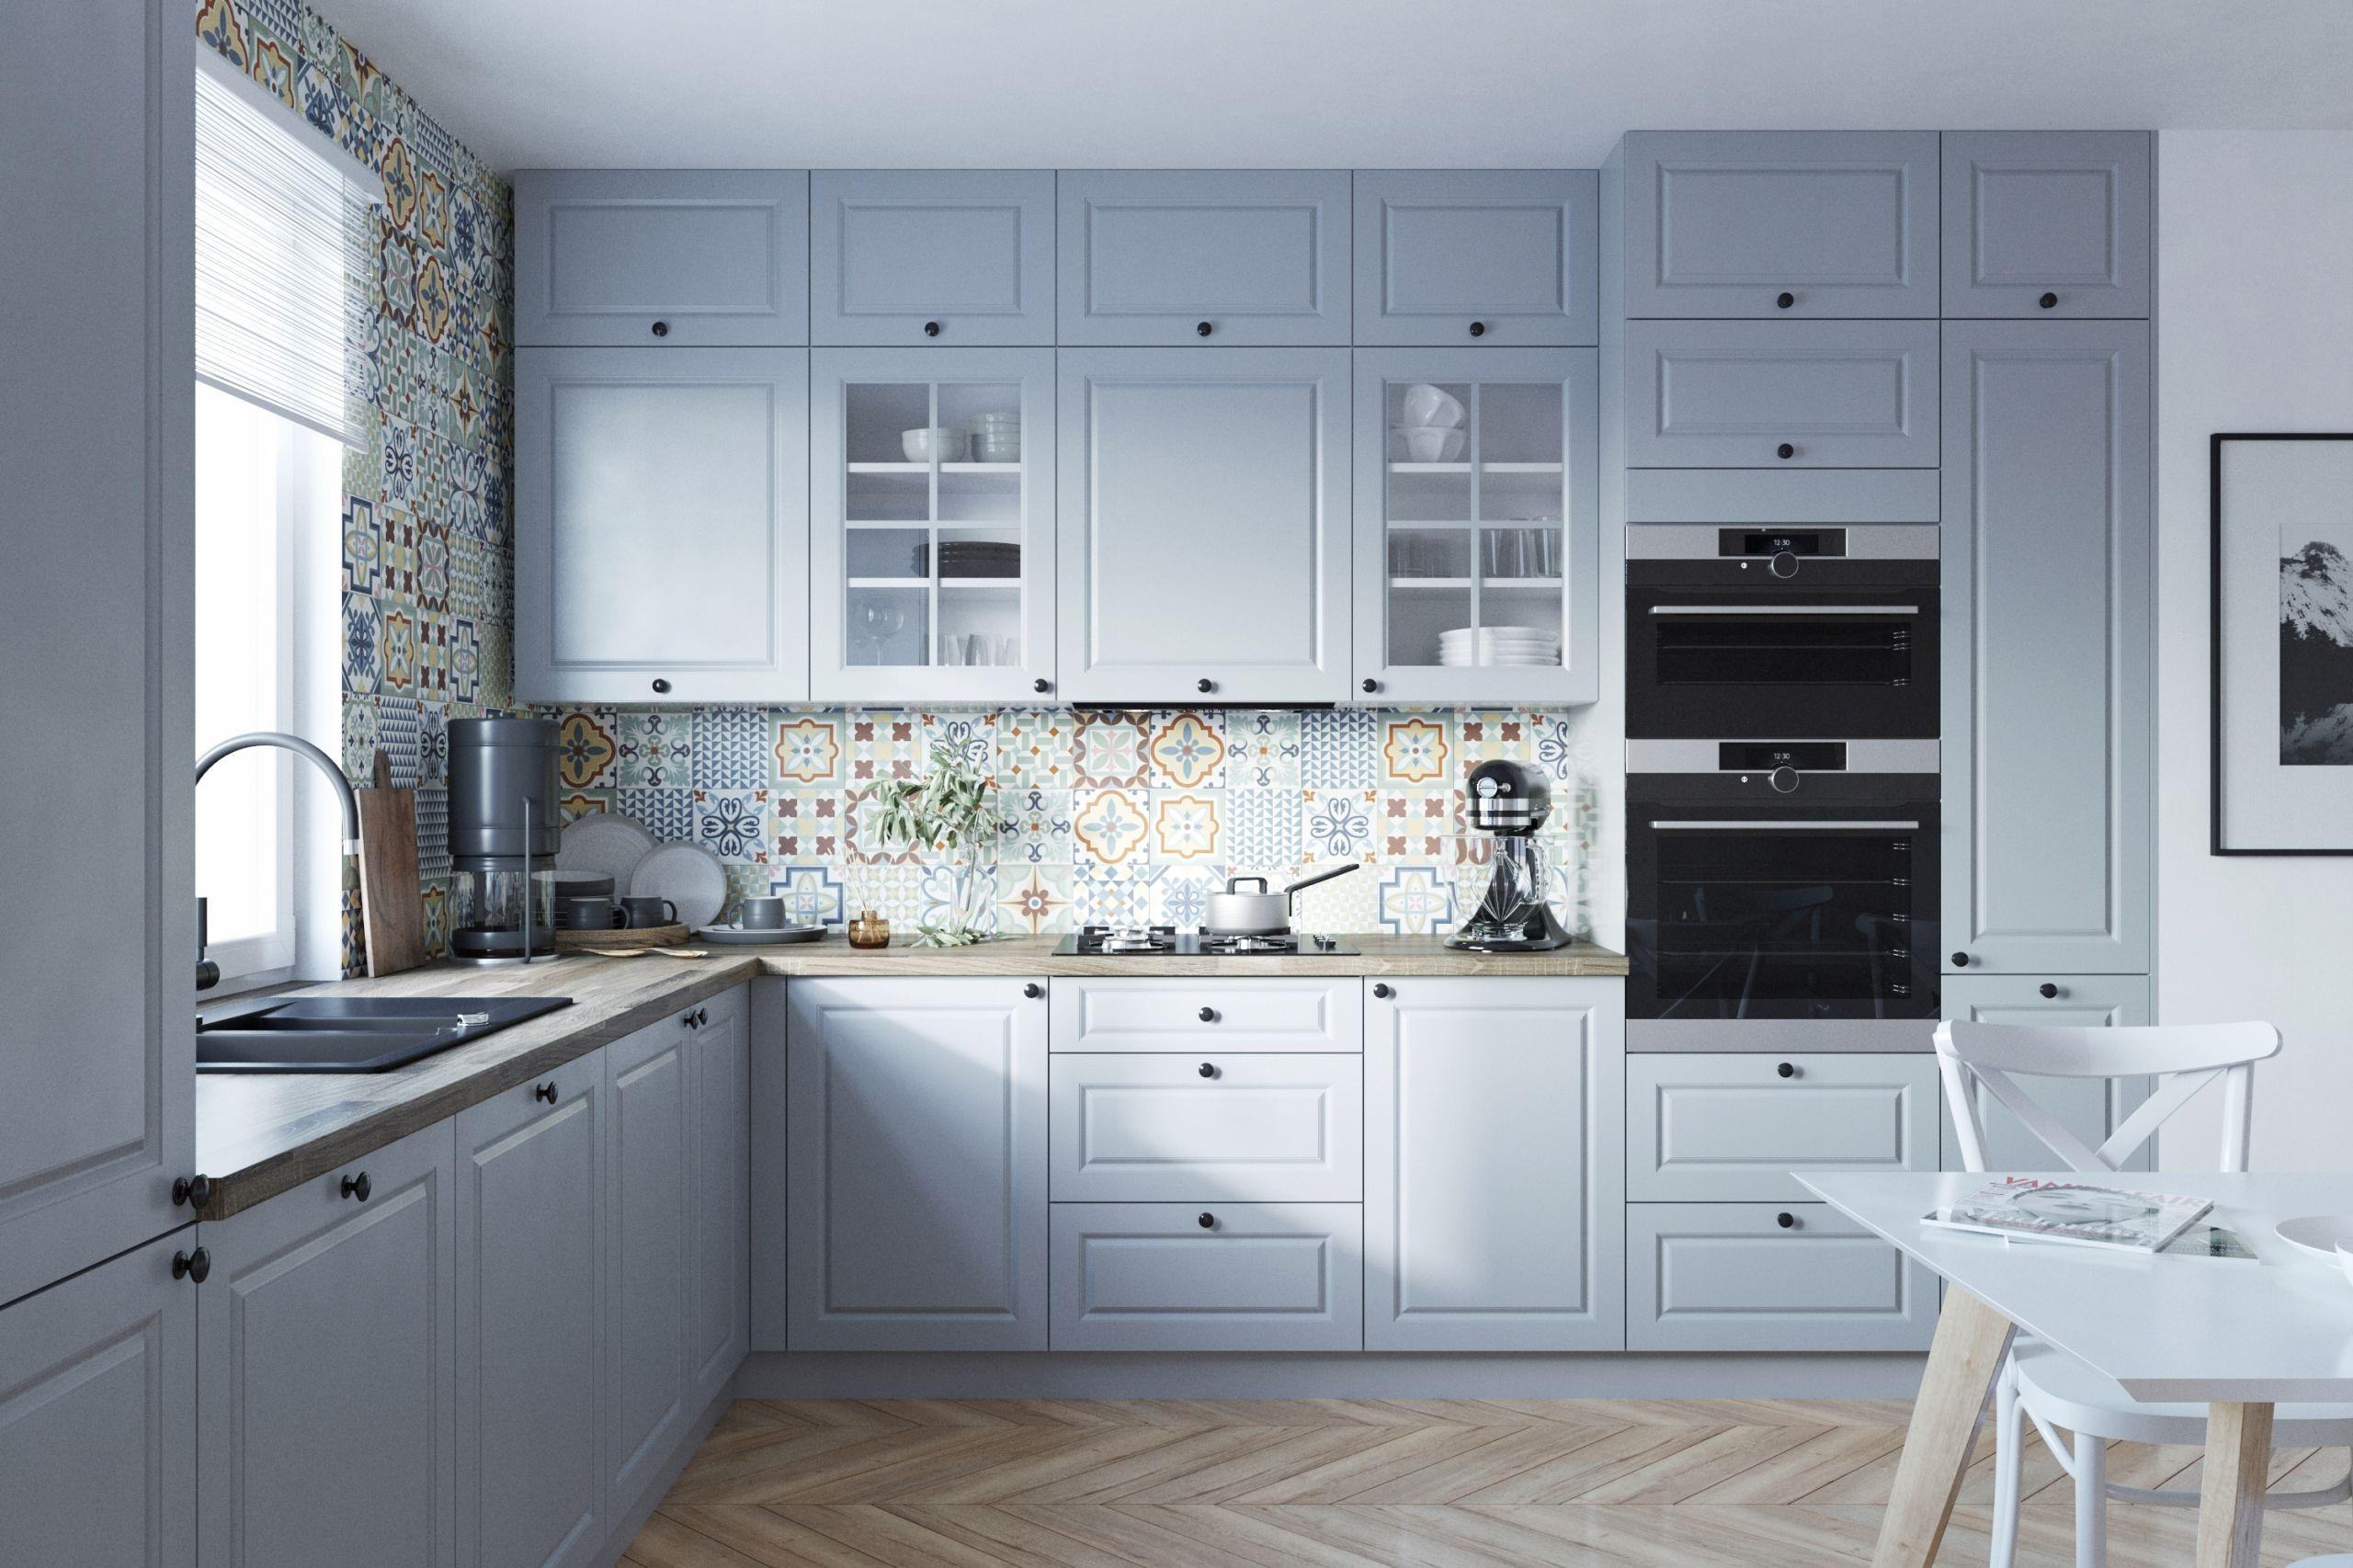 Meble Kuchenne Classic Szafki Mdf Kuchnia Lakier Home Home Decor Kitchen Cabinets